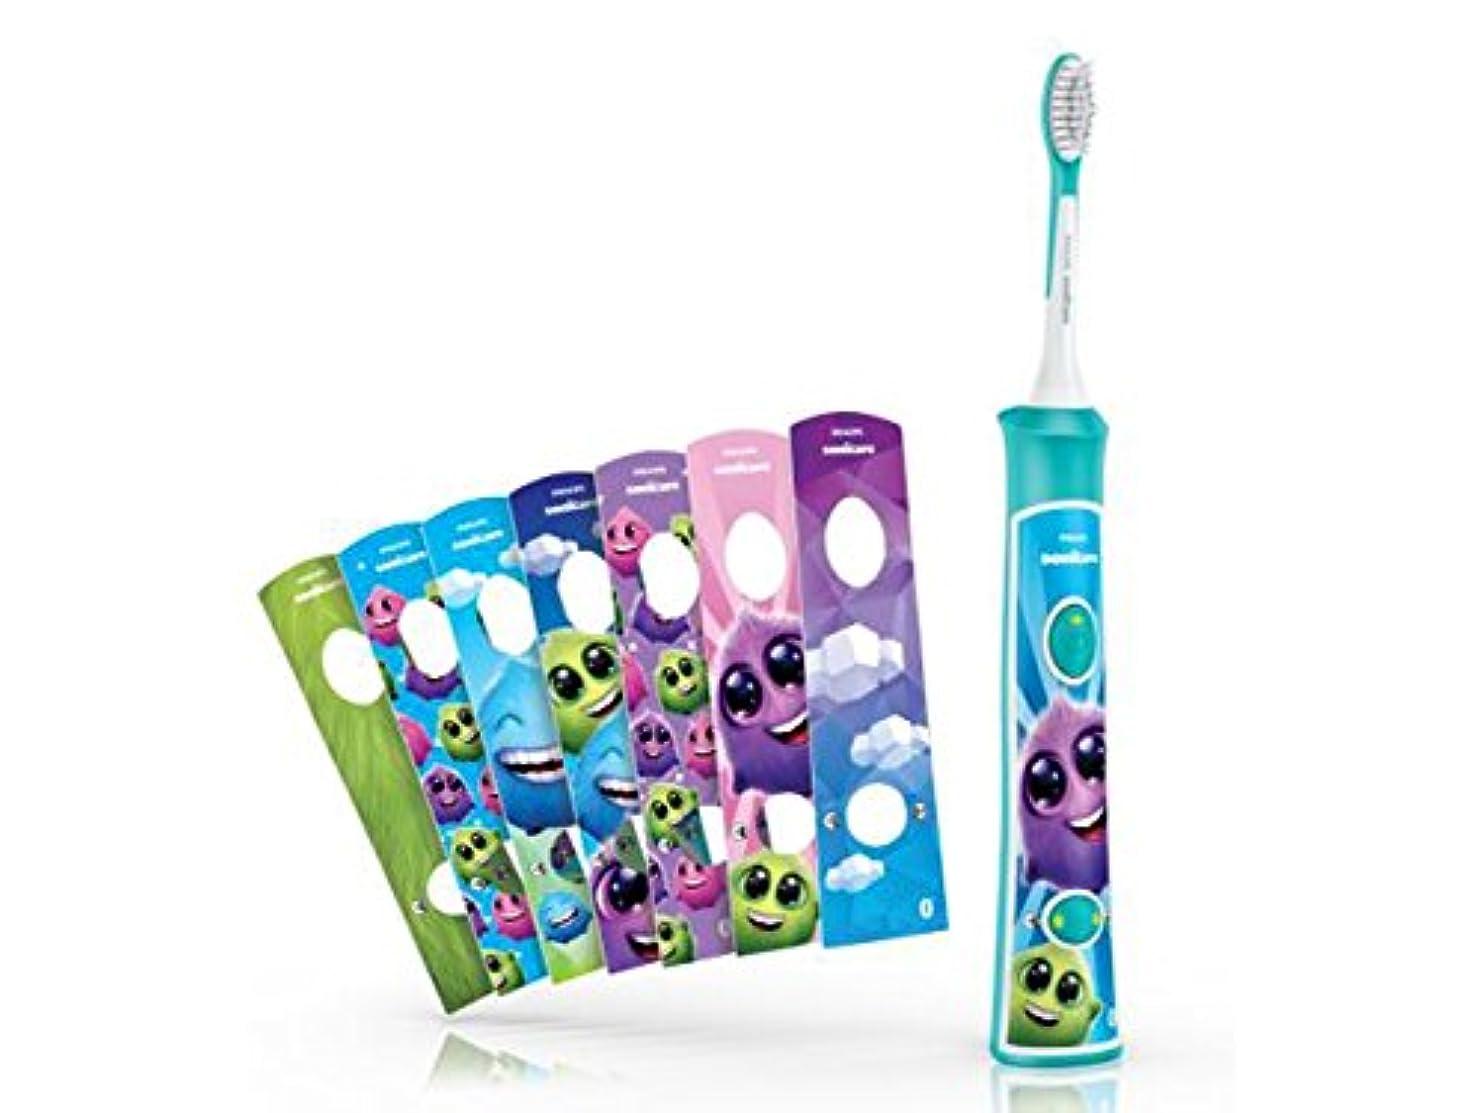 デコレーション忠実に立法フィリップス ソニッケアー キッズ こども用電動歯ブラシ アプリ連動 HX6321/03